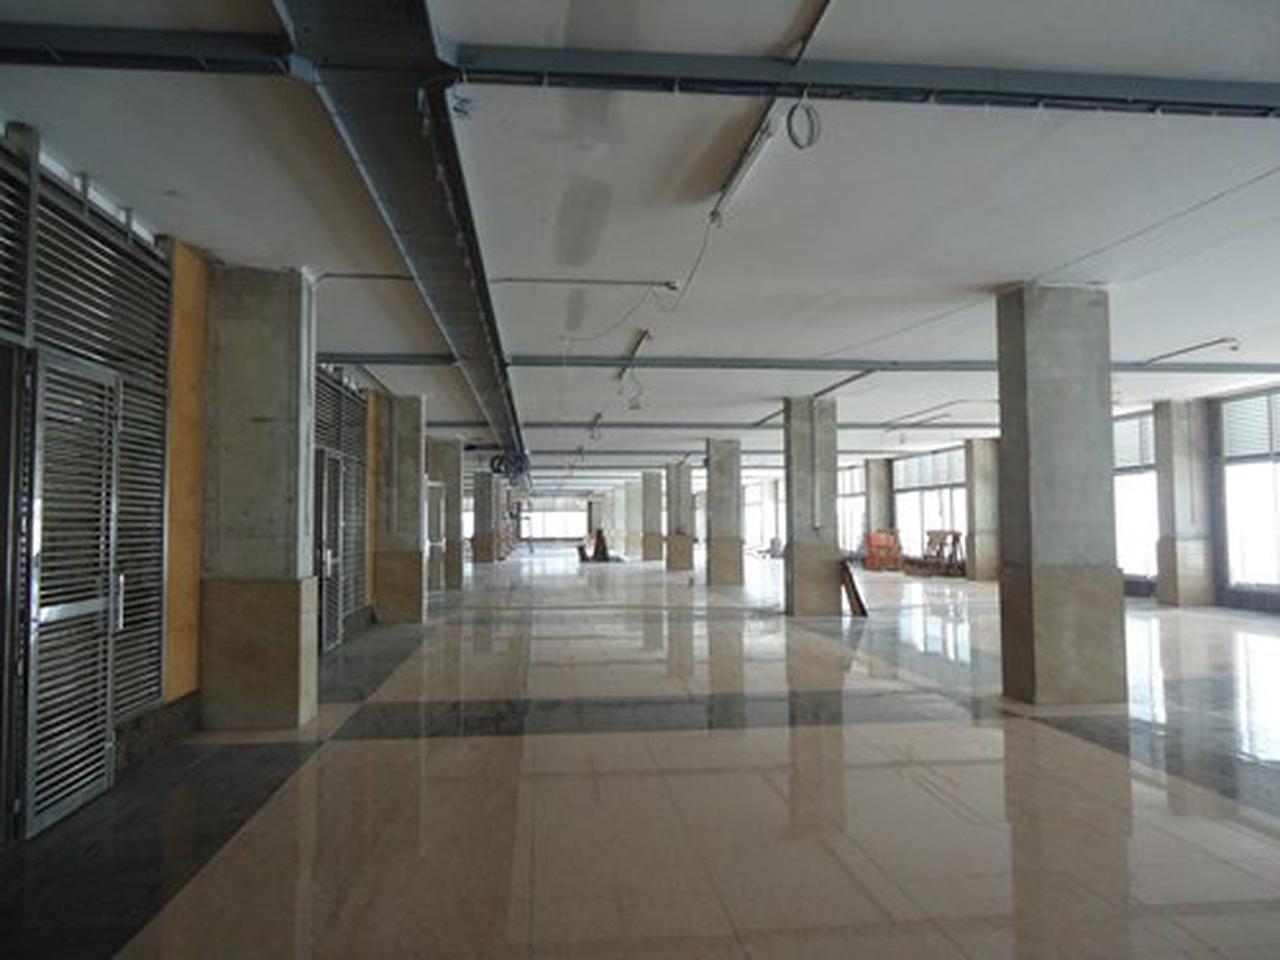 ให้เช่าพื้นที่อาคาร หงษ์ ทาวเวอร์ Hong Tower รูปที่ 3